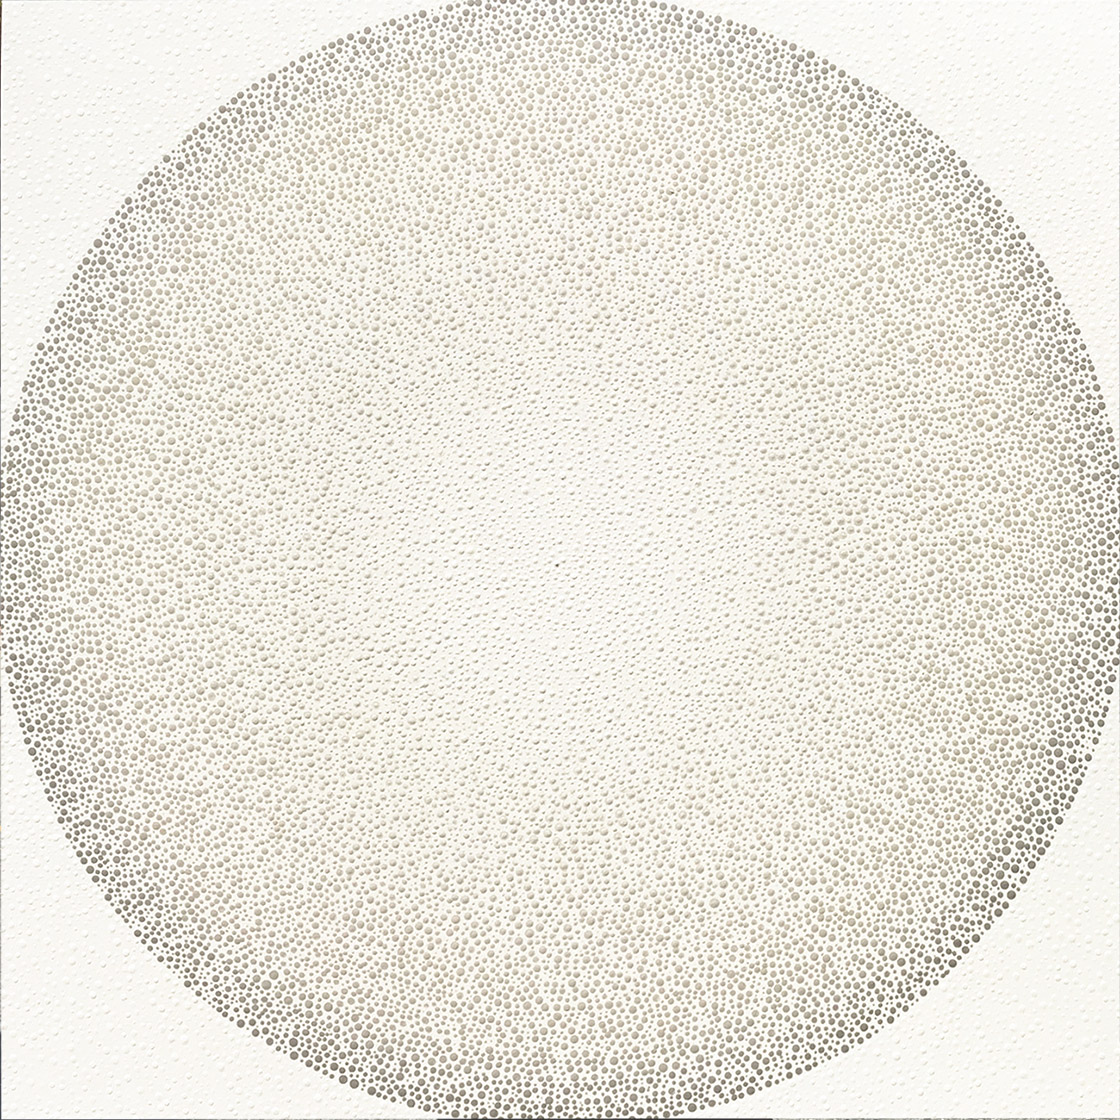 'Sustaining Positivity, 2020' - AJ Oishi at Kostuik Gallery